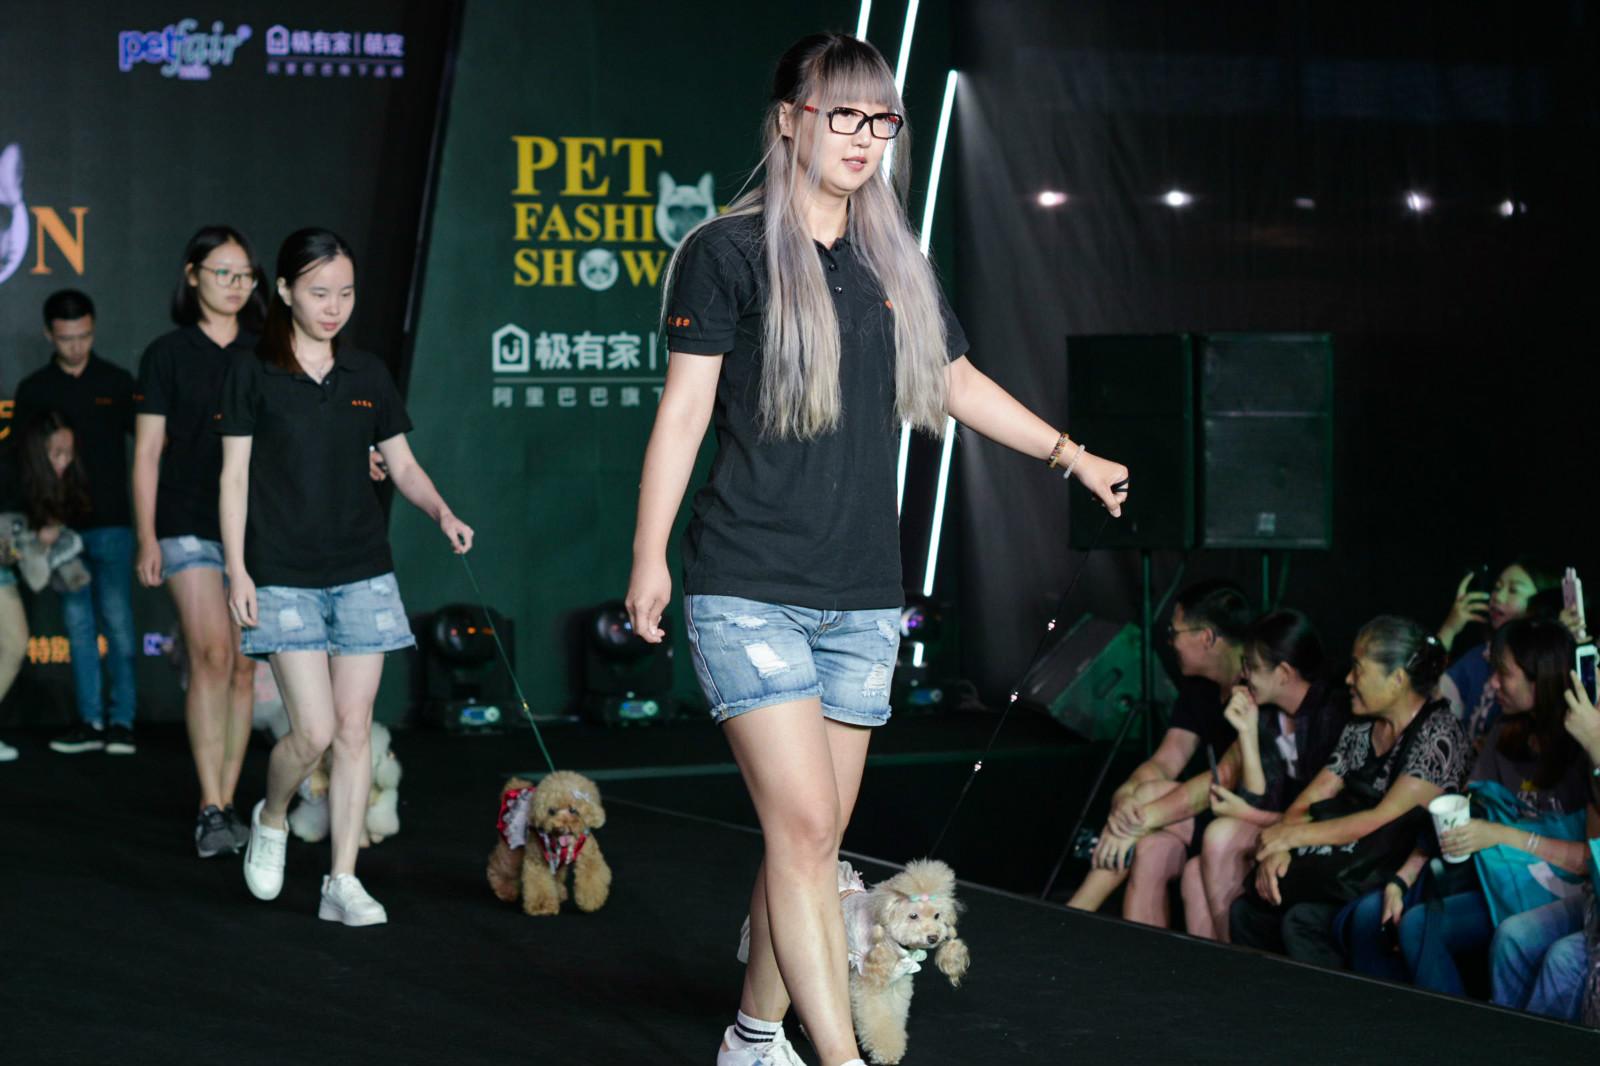 Pet Fashion Show (1)_meitu_3